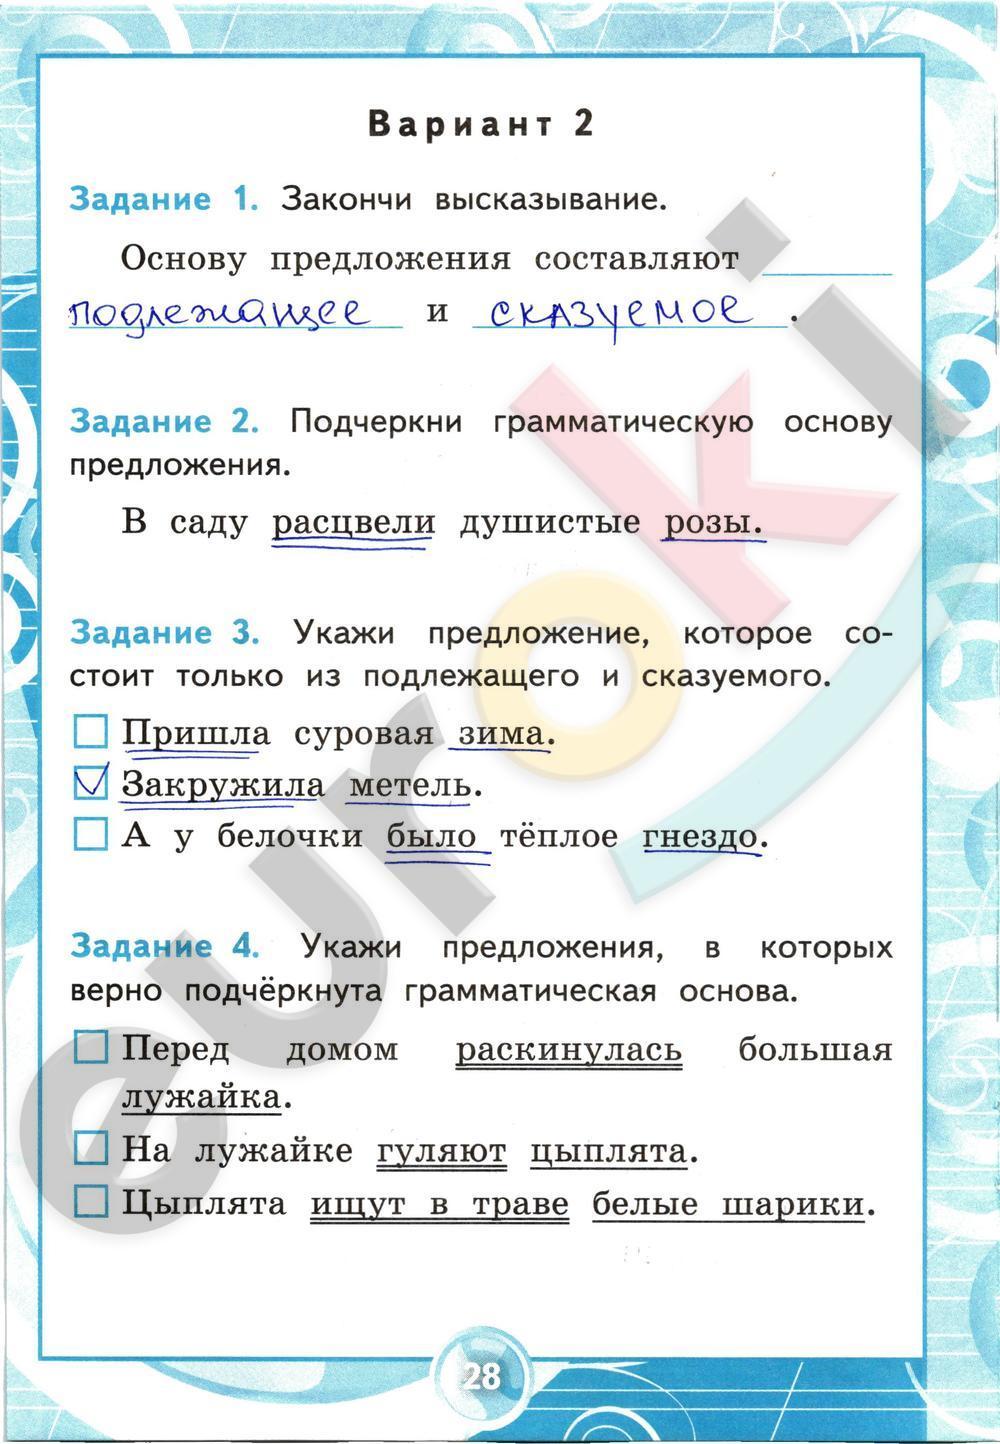 ГДЗ по русскому языку 2 класс контрольные работы Крылова Часть 1, 2. Задание: стр. 28